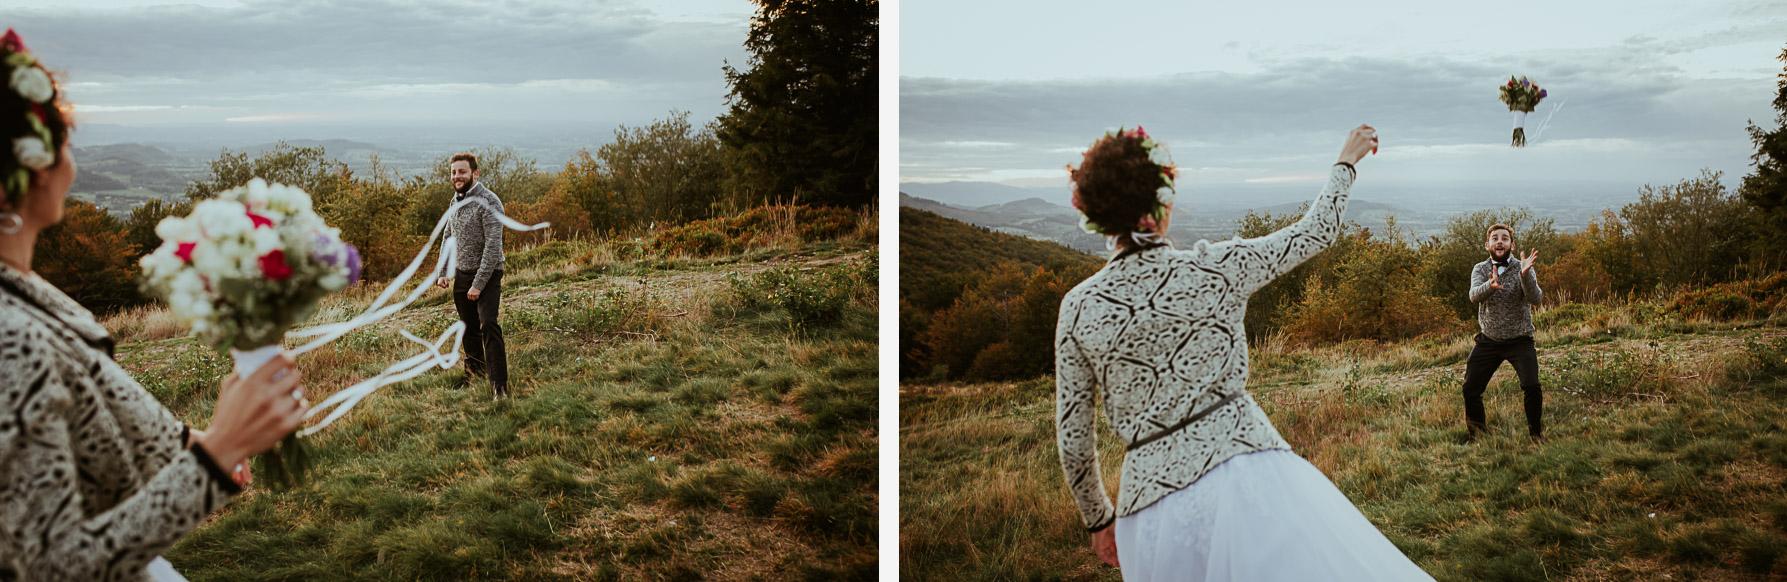 Sesja Ślubna w górach jesień 061 a11